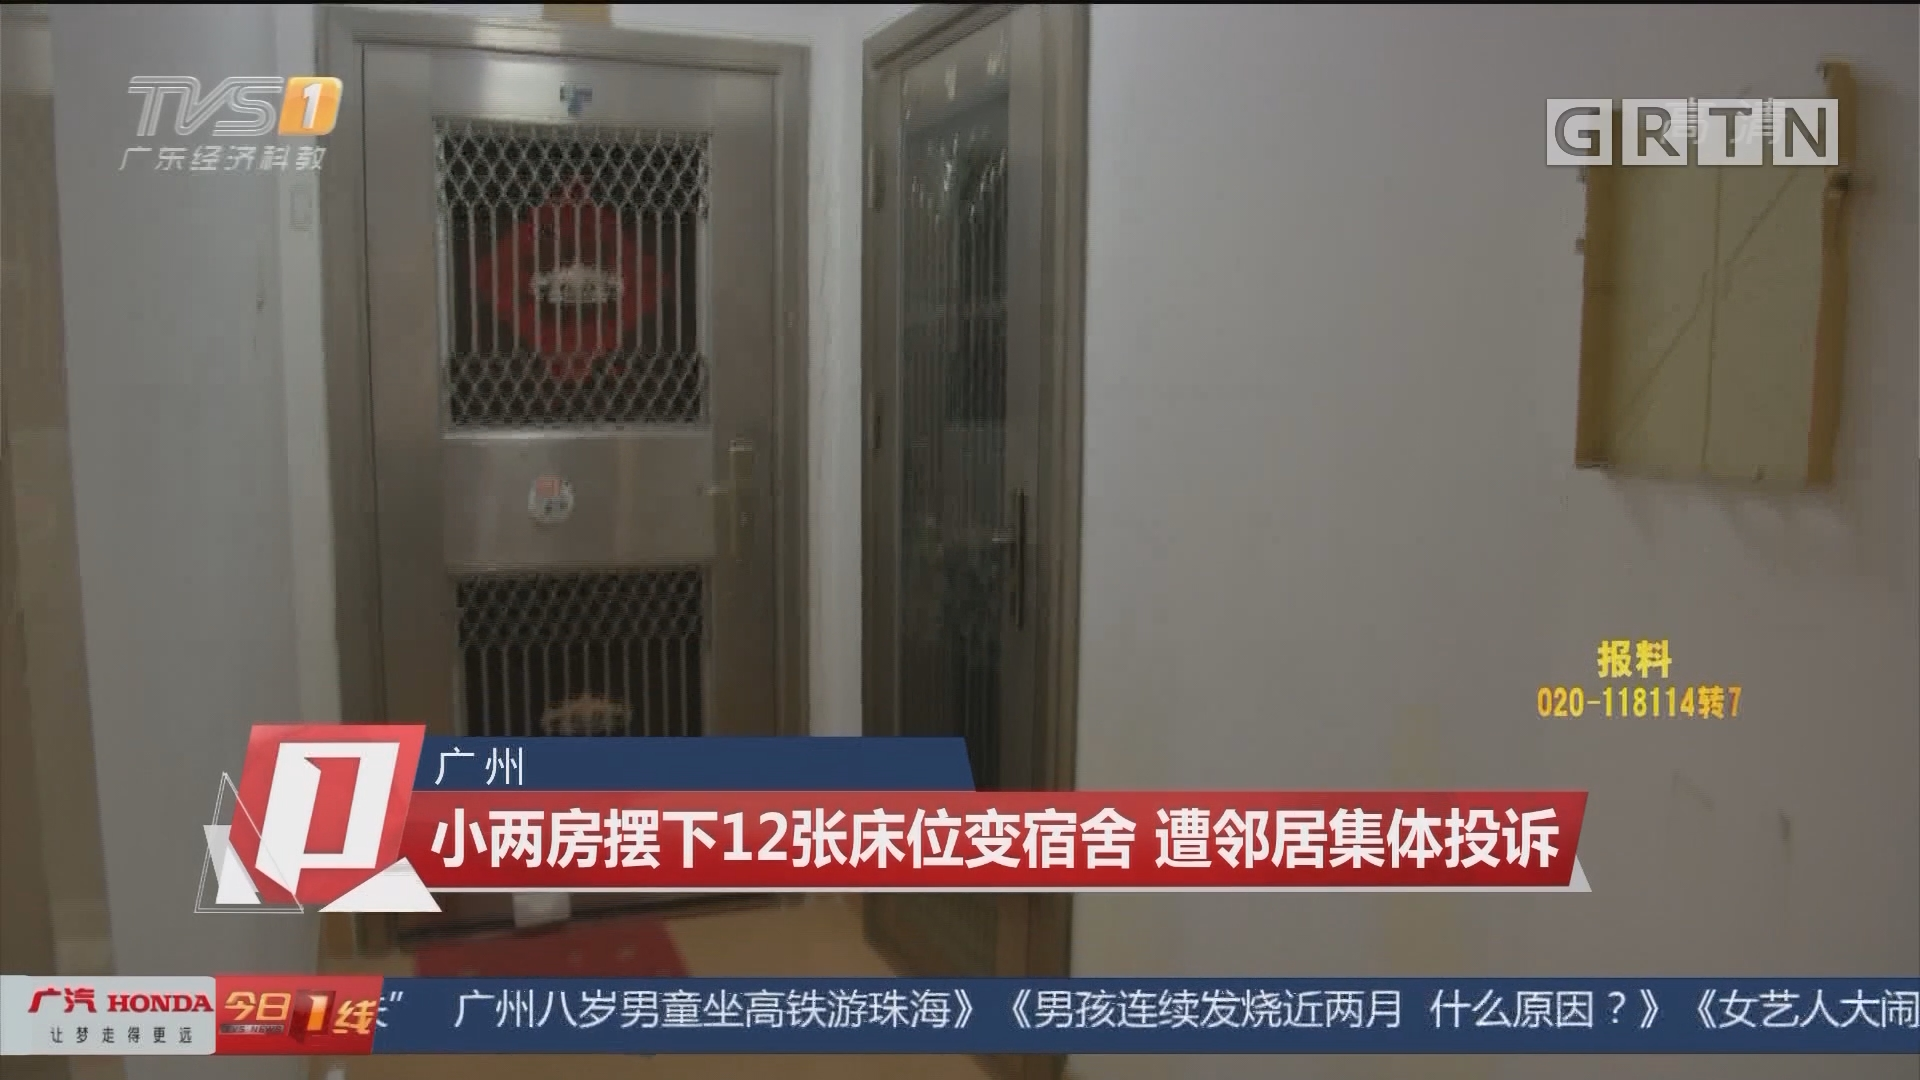 广州:小两房摆下12张床位变宿舍 遭邻居集体投诉